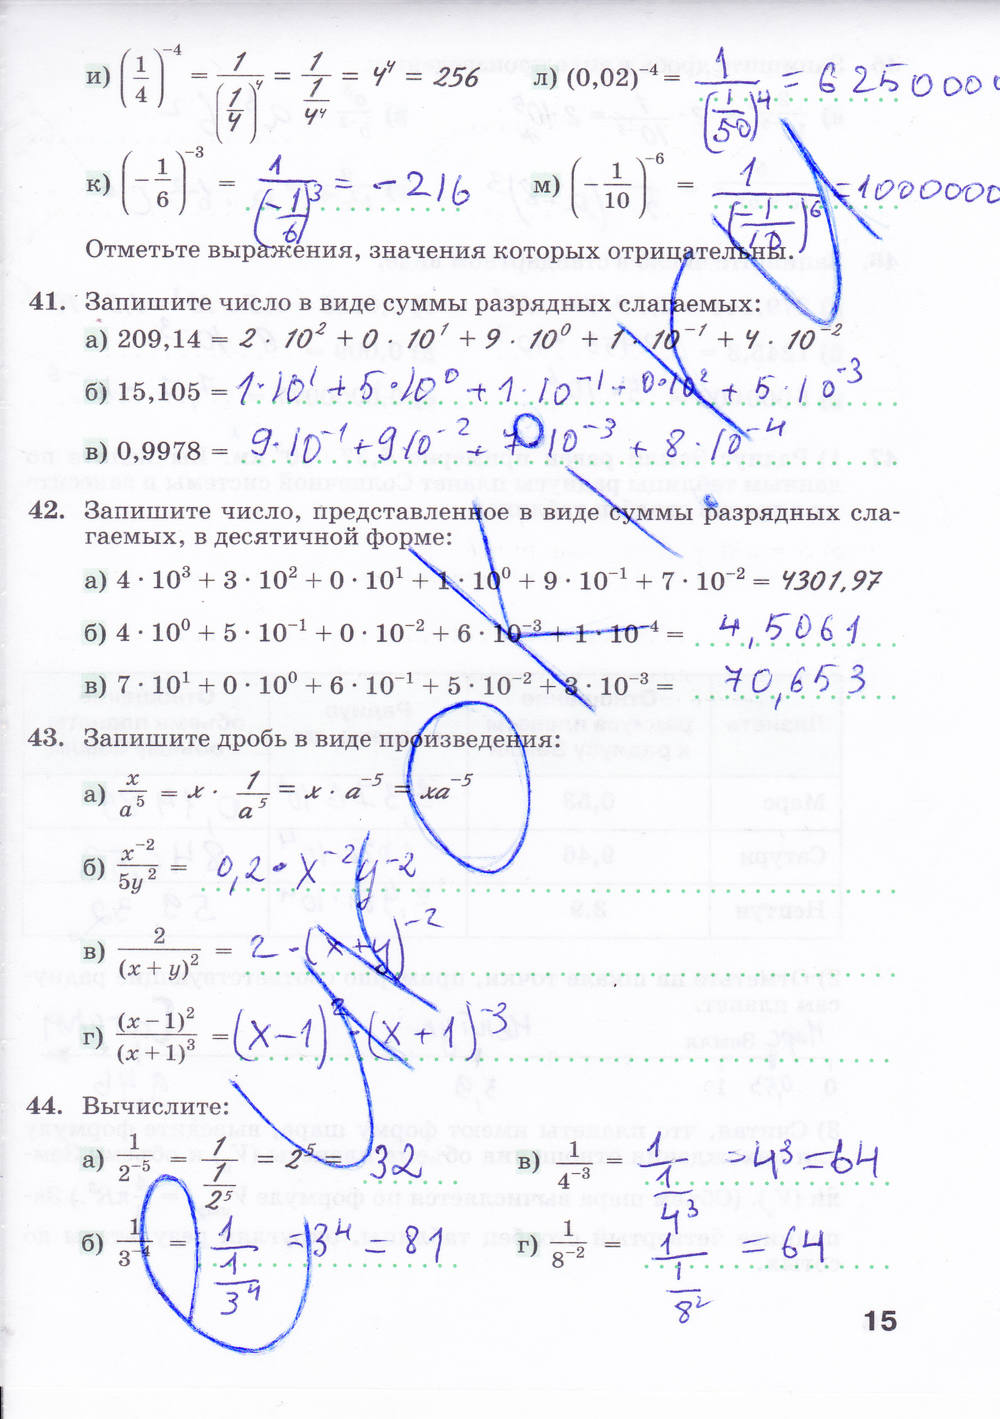 гдз по алгебре 8 класс минаева рабочая тетрадь 1